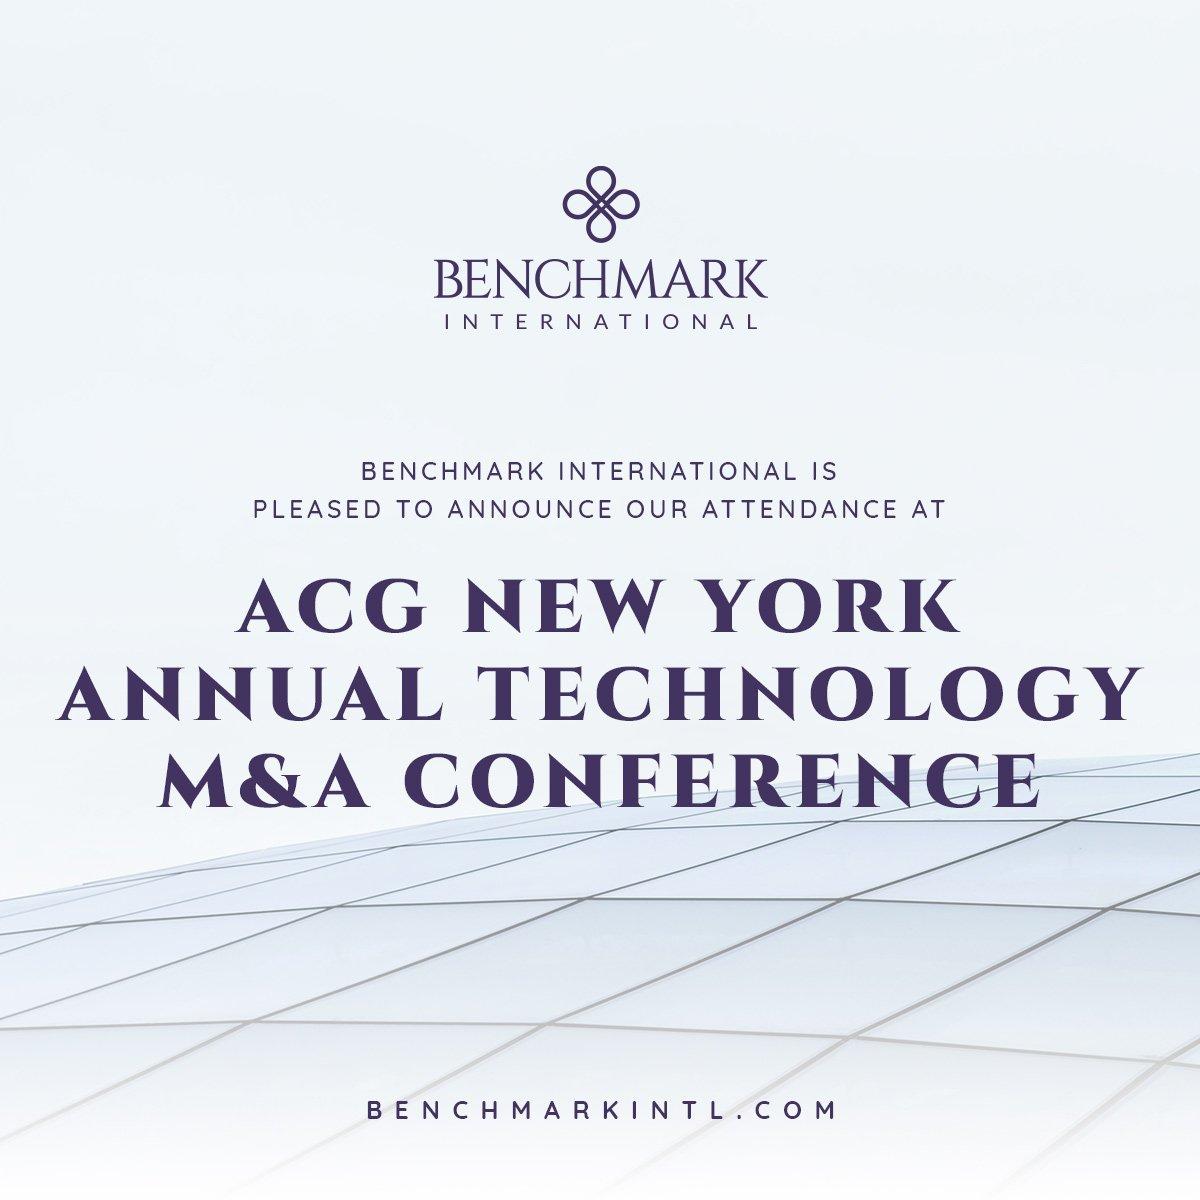 ACG_NY_Tech_Conference_Social